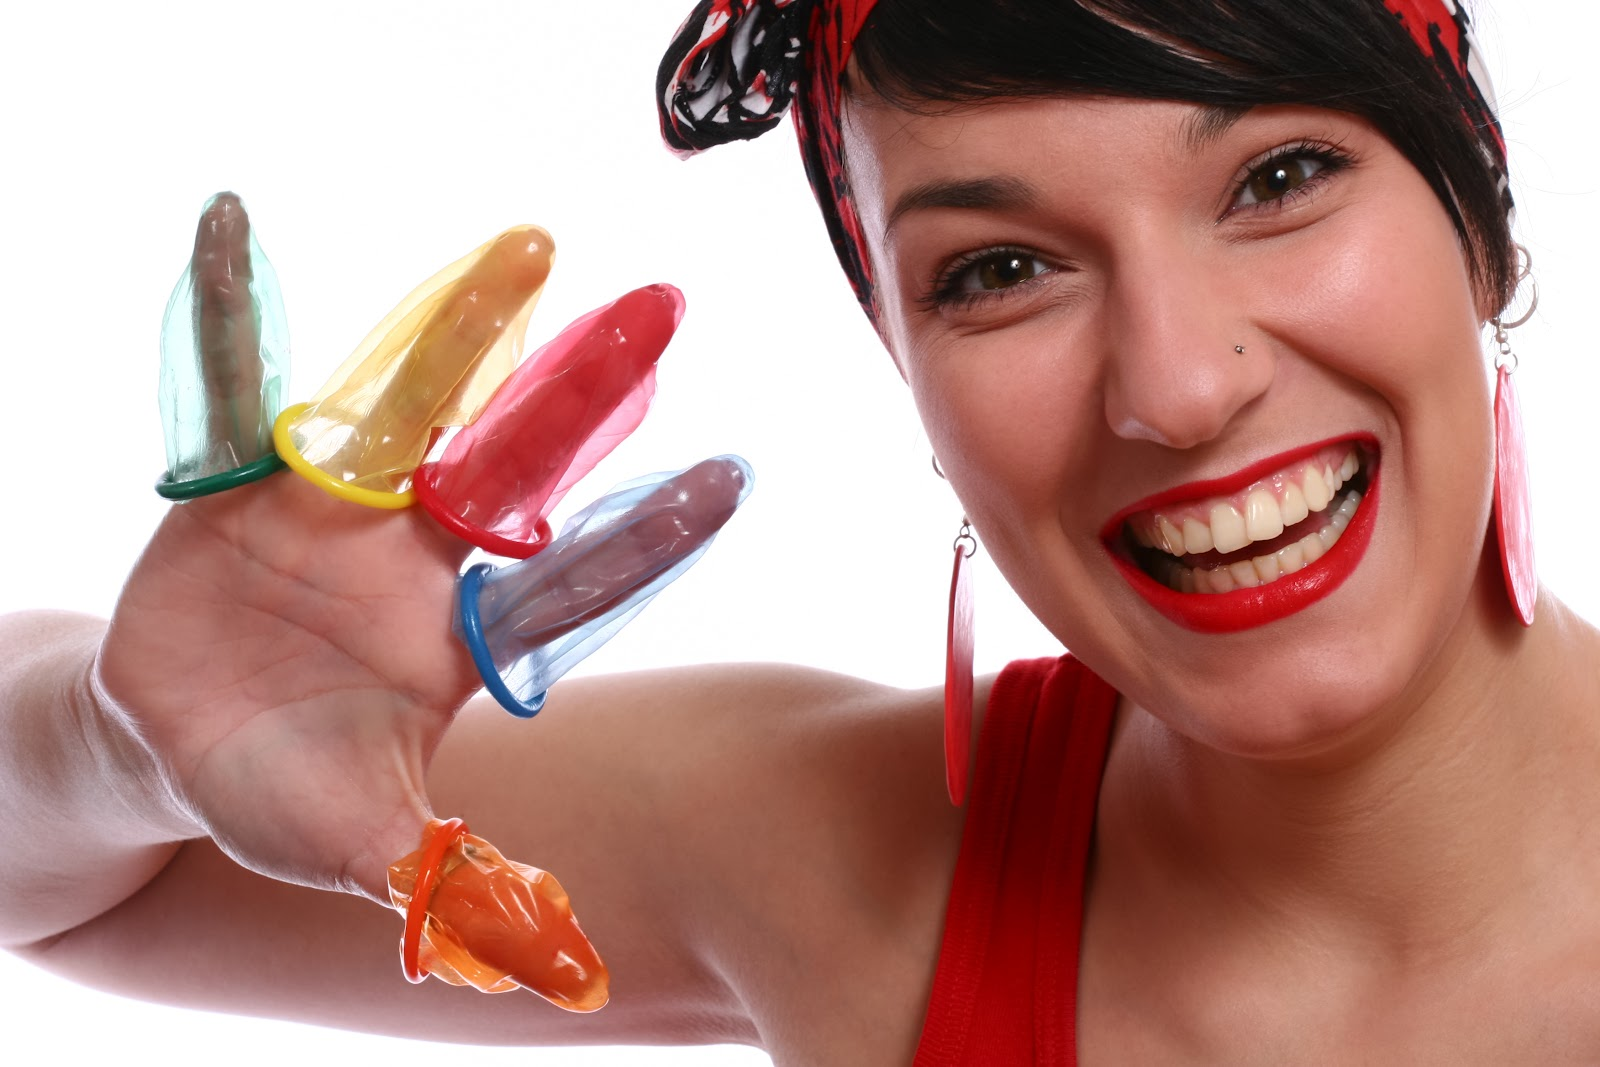 Чем вреден презерватив для женщин, Вредны ли для женщин презервативы или это лучший 2 фотография